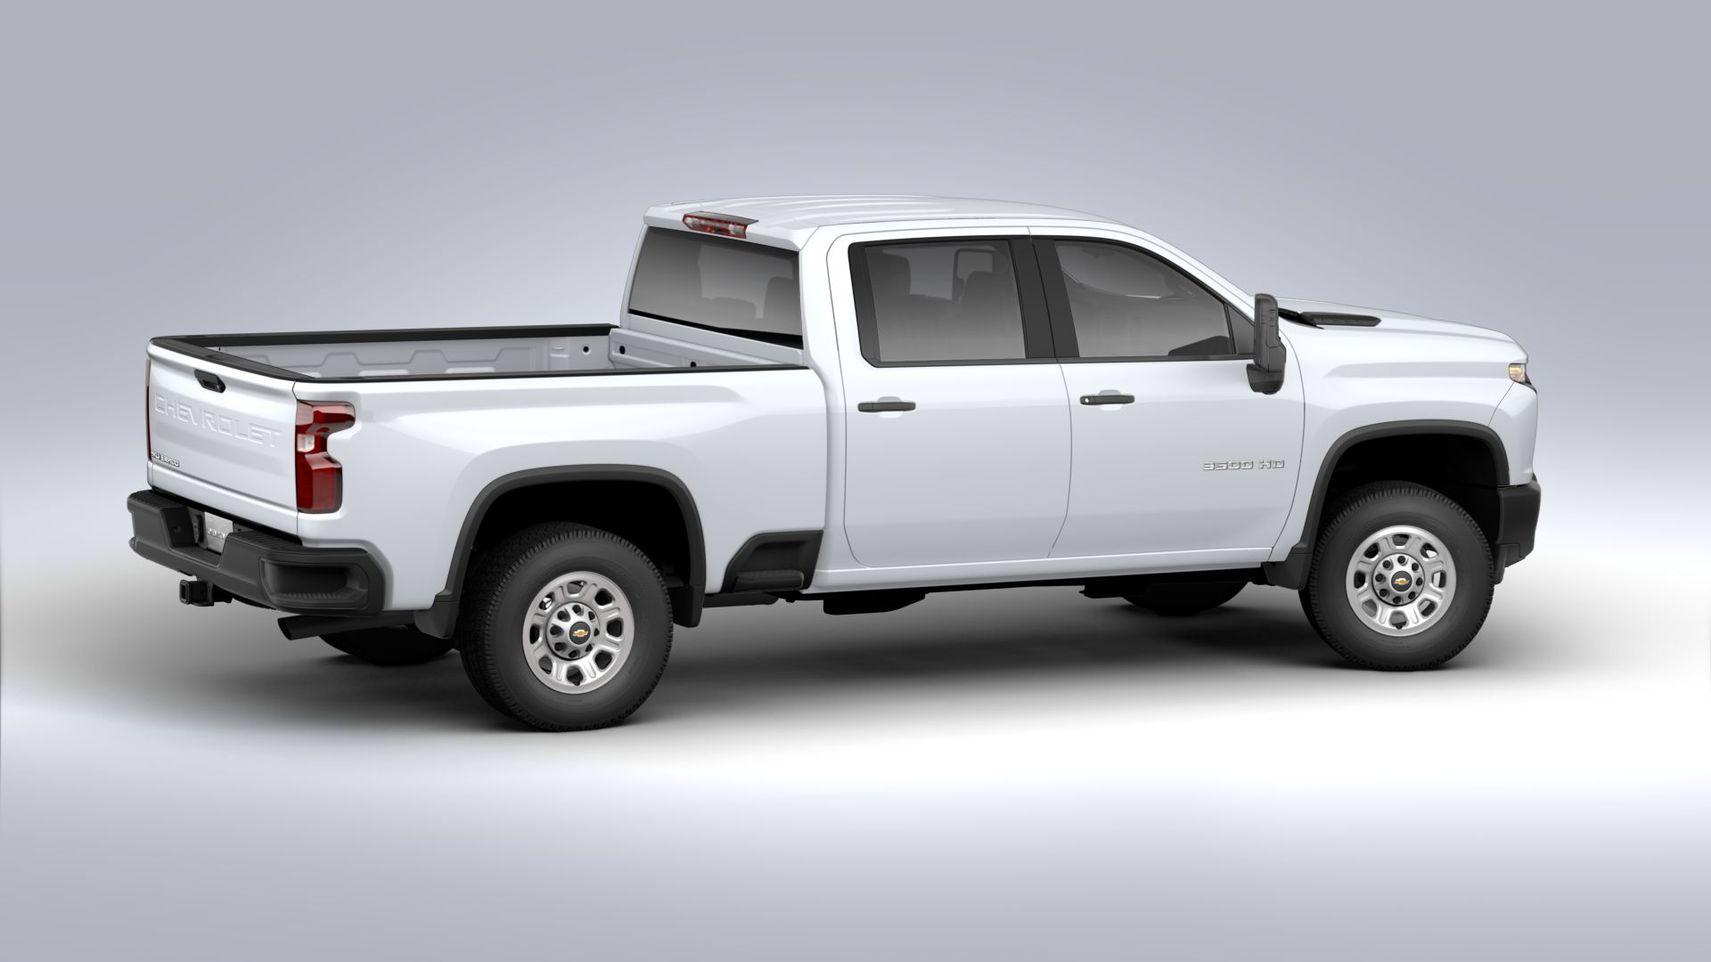 Марк Ройс, босс General Motors, анонсировал «батарейный» пикап Chevrolet Silverado: речь идёт не об электрификации нынешней версии, а о создании абсолютно иной модели.